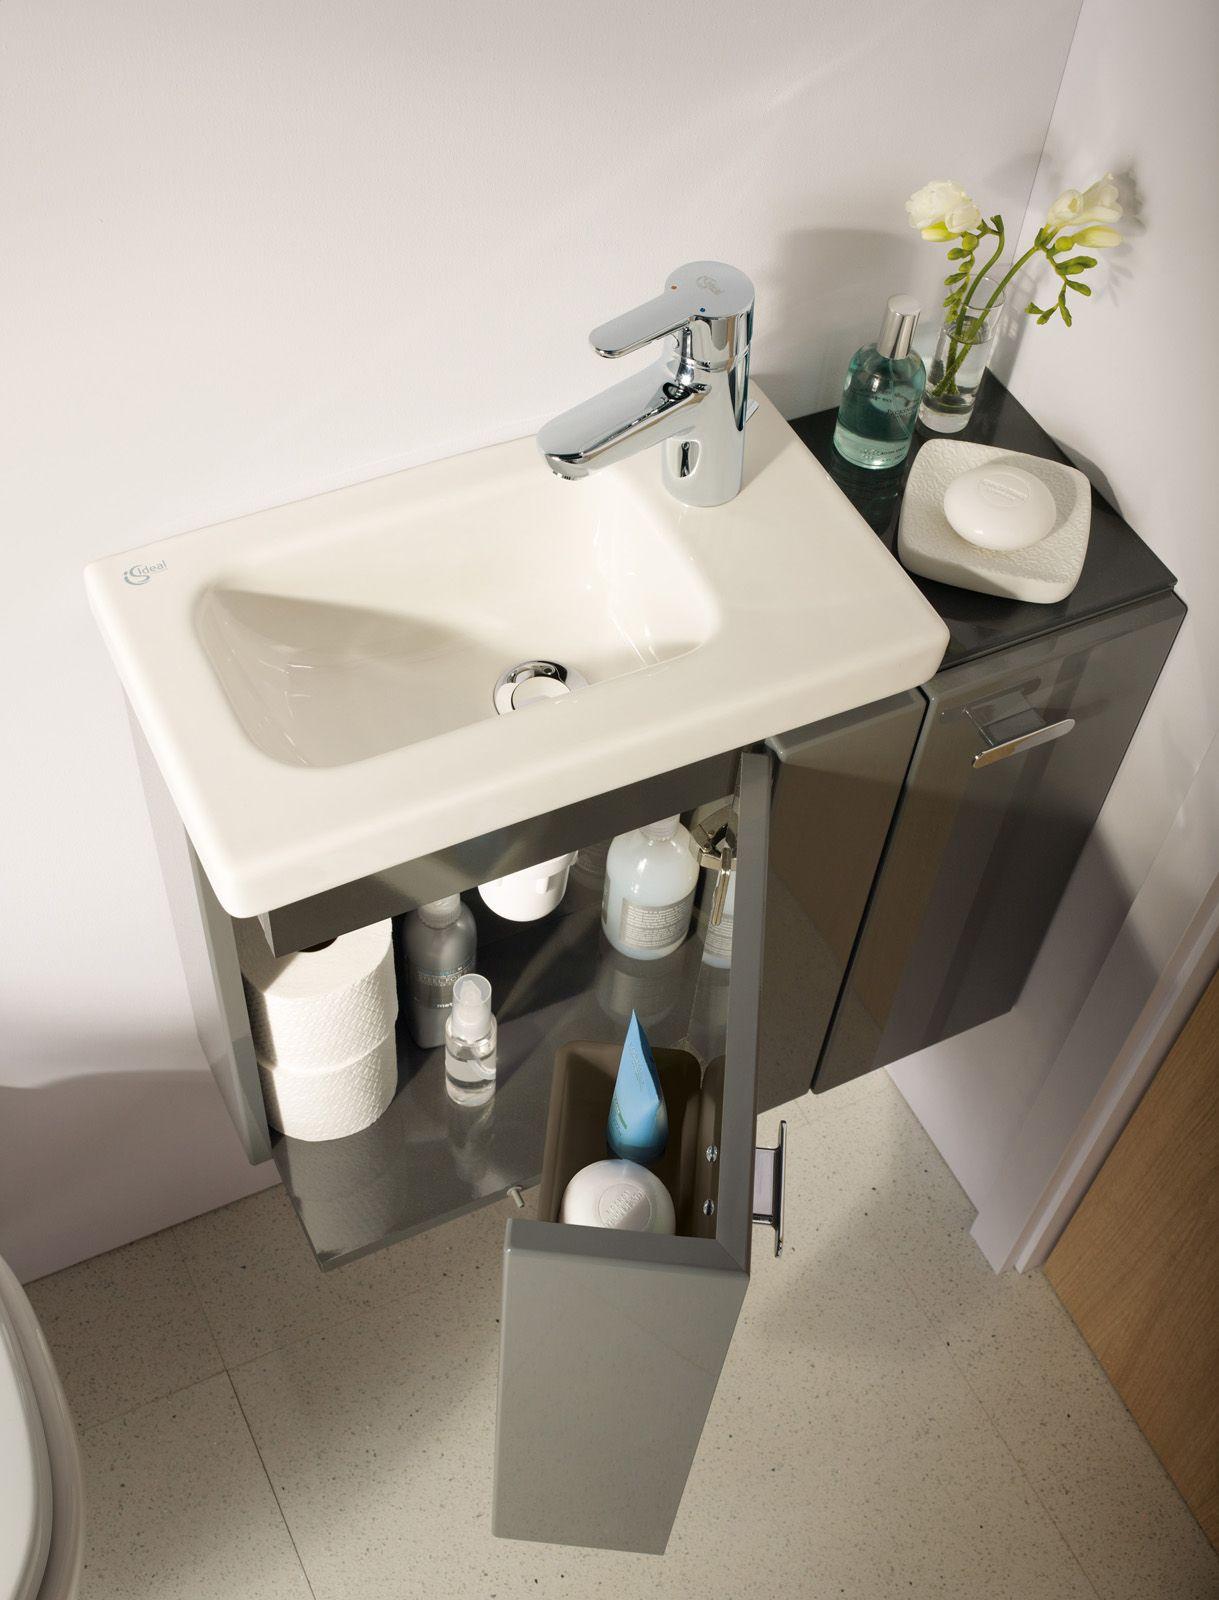 Bagno piccolo arredo componibile e salvaspazio cose di casa downstairs bathroom pinterest - Salvaspazio bagno ...